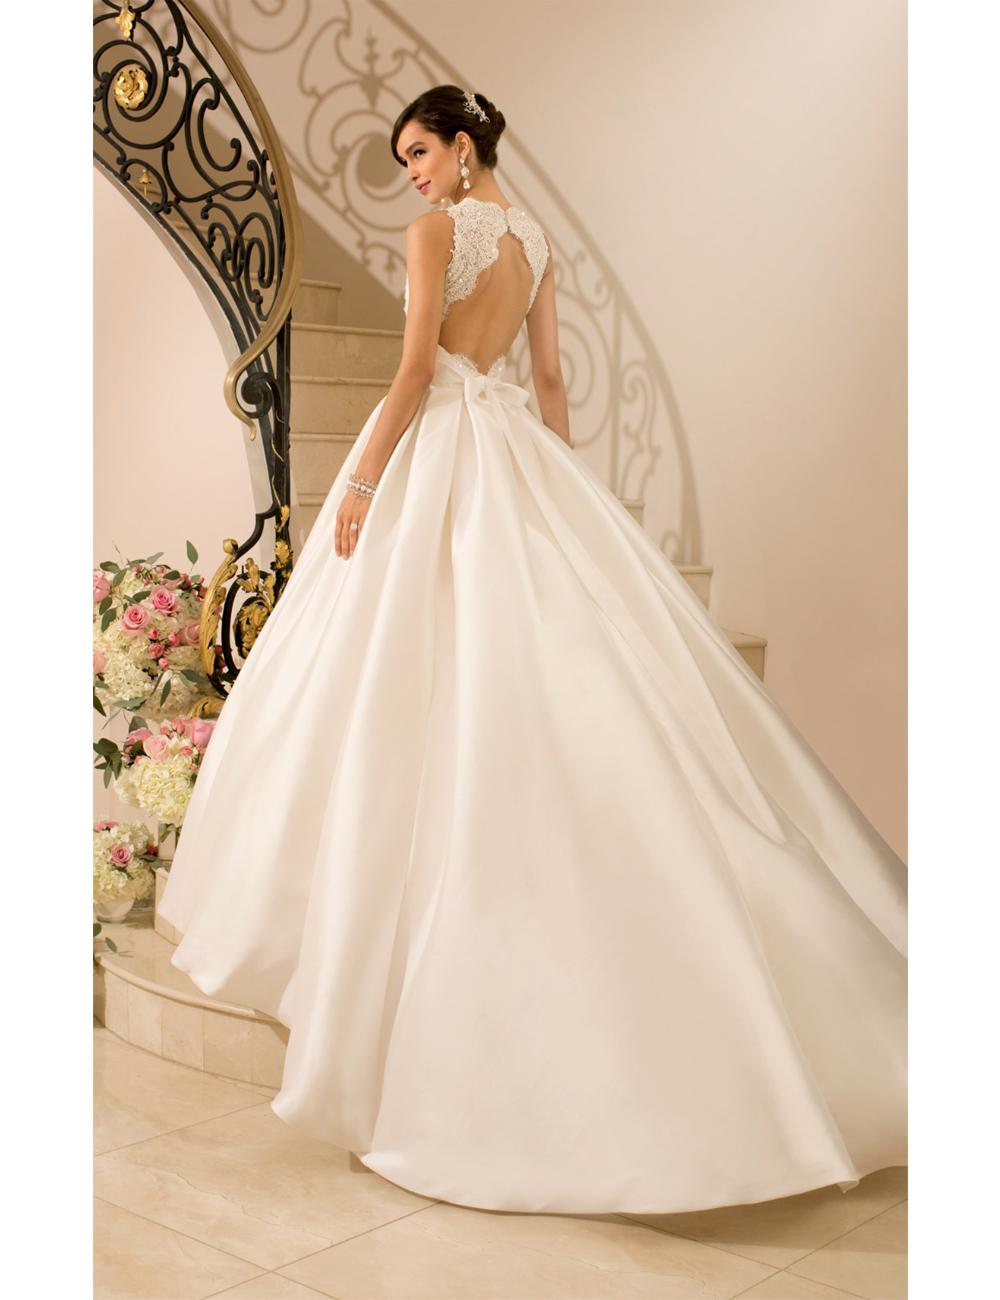 2016 dramatic keyhole lace back wedding dress romantic for Wedding dresses with dramatic backs